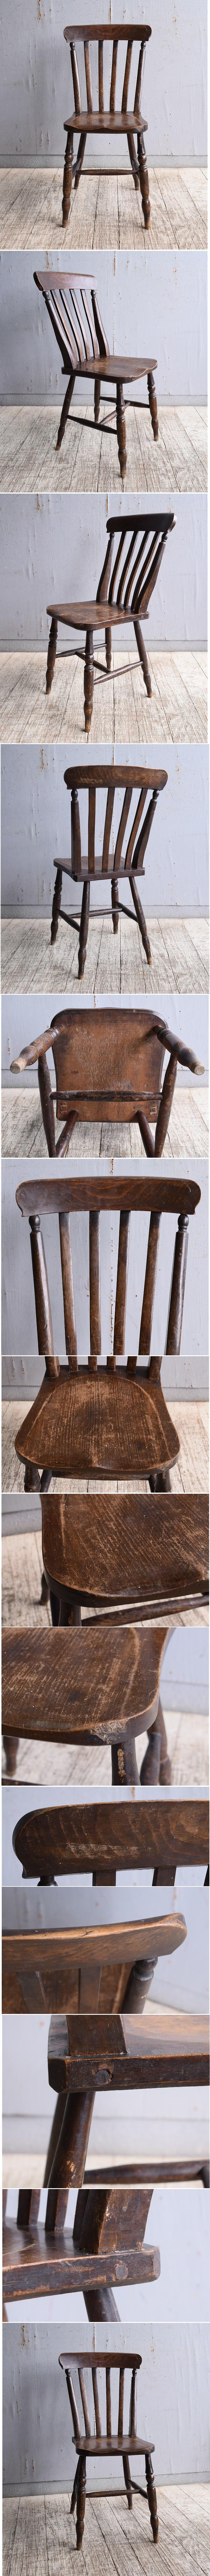 イギリス アンティーク家具 キッチンチェア 椅子 10349